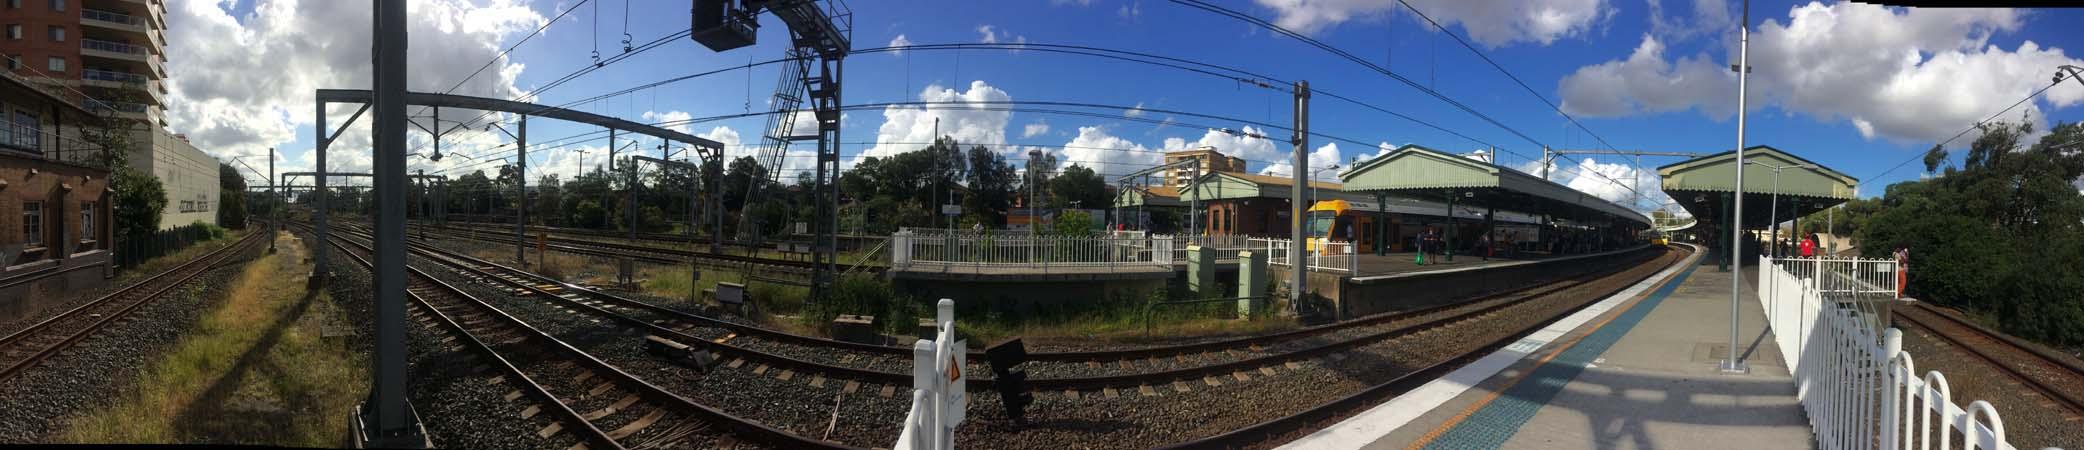 01 Sydney Railway Track Wide Shot Rail in Sydney Railways